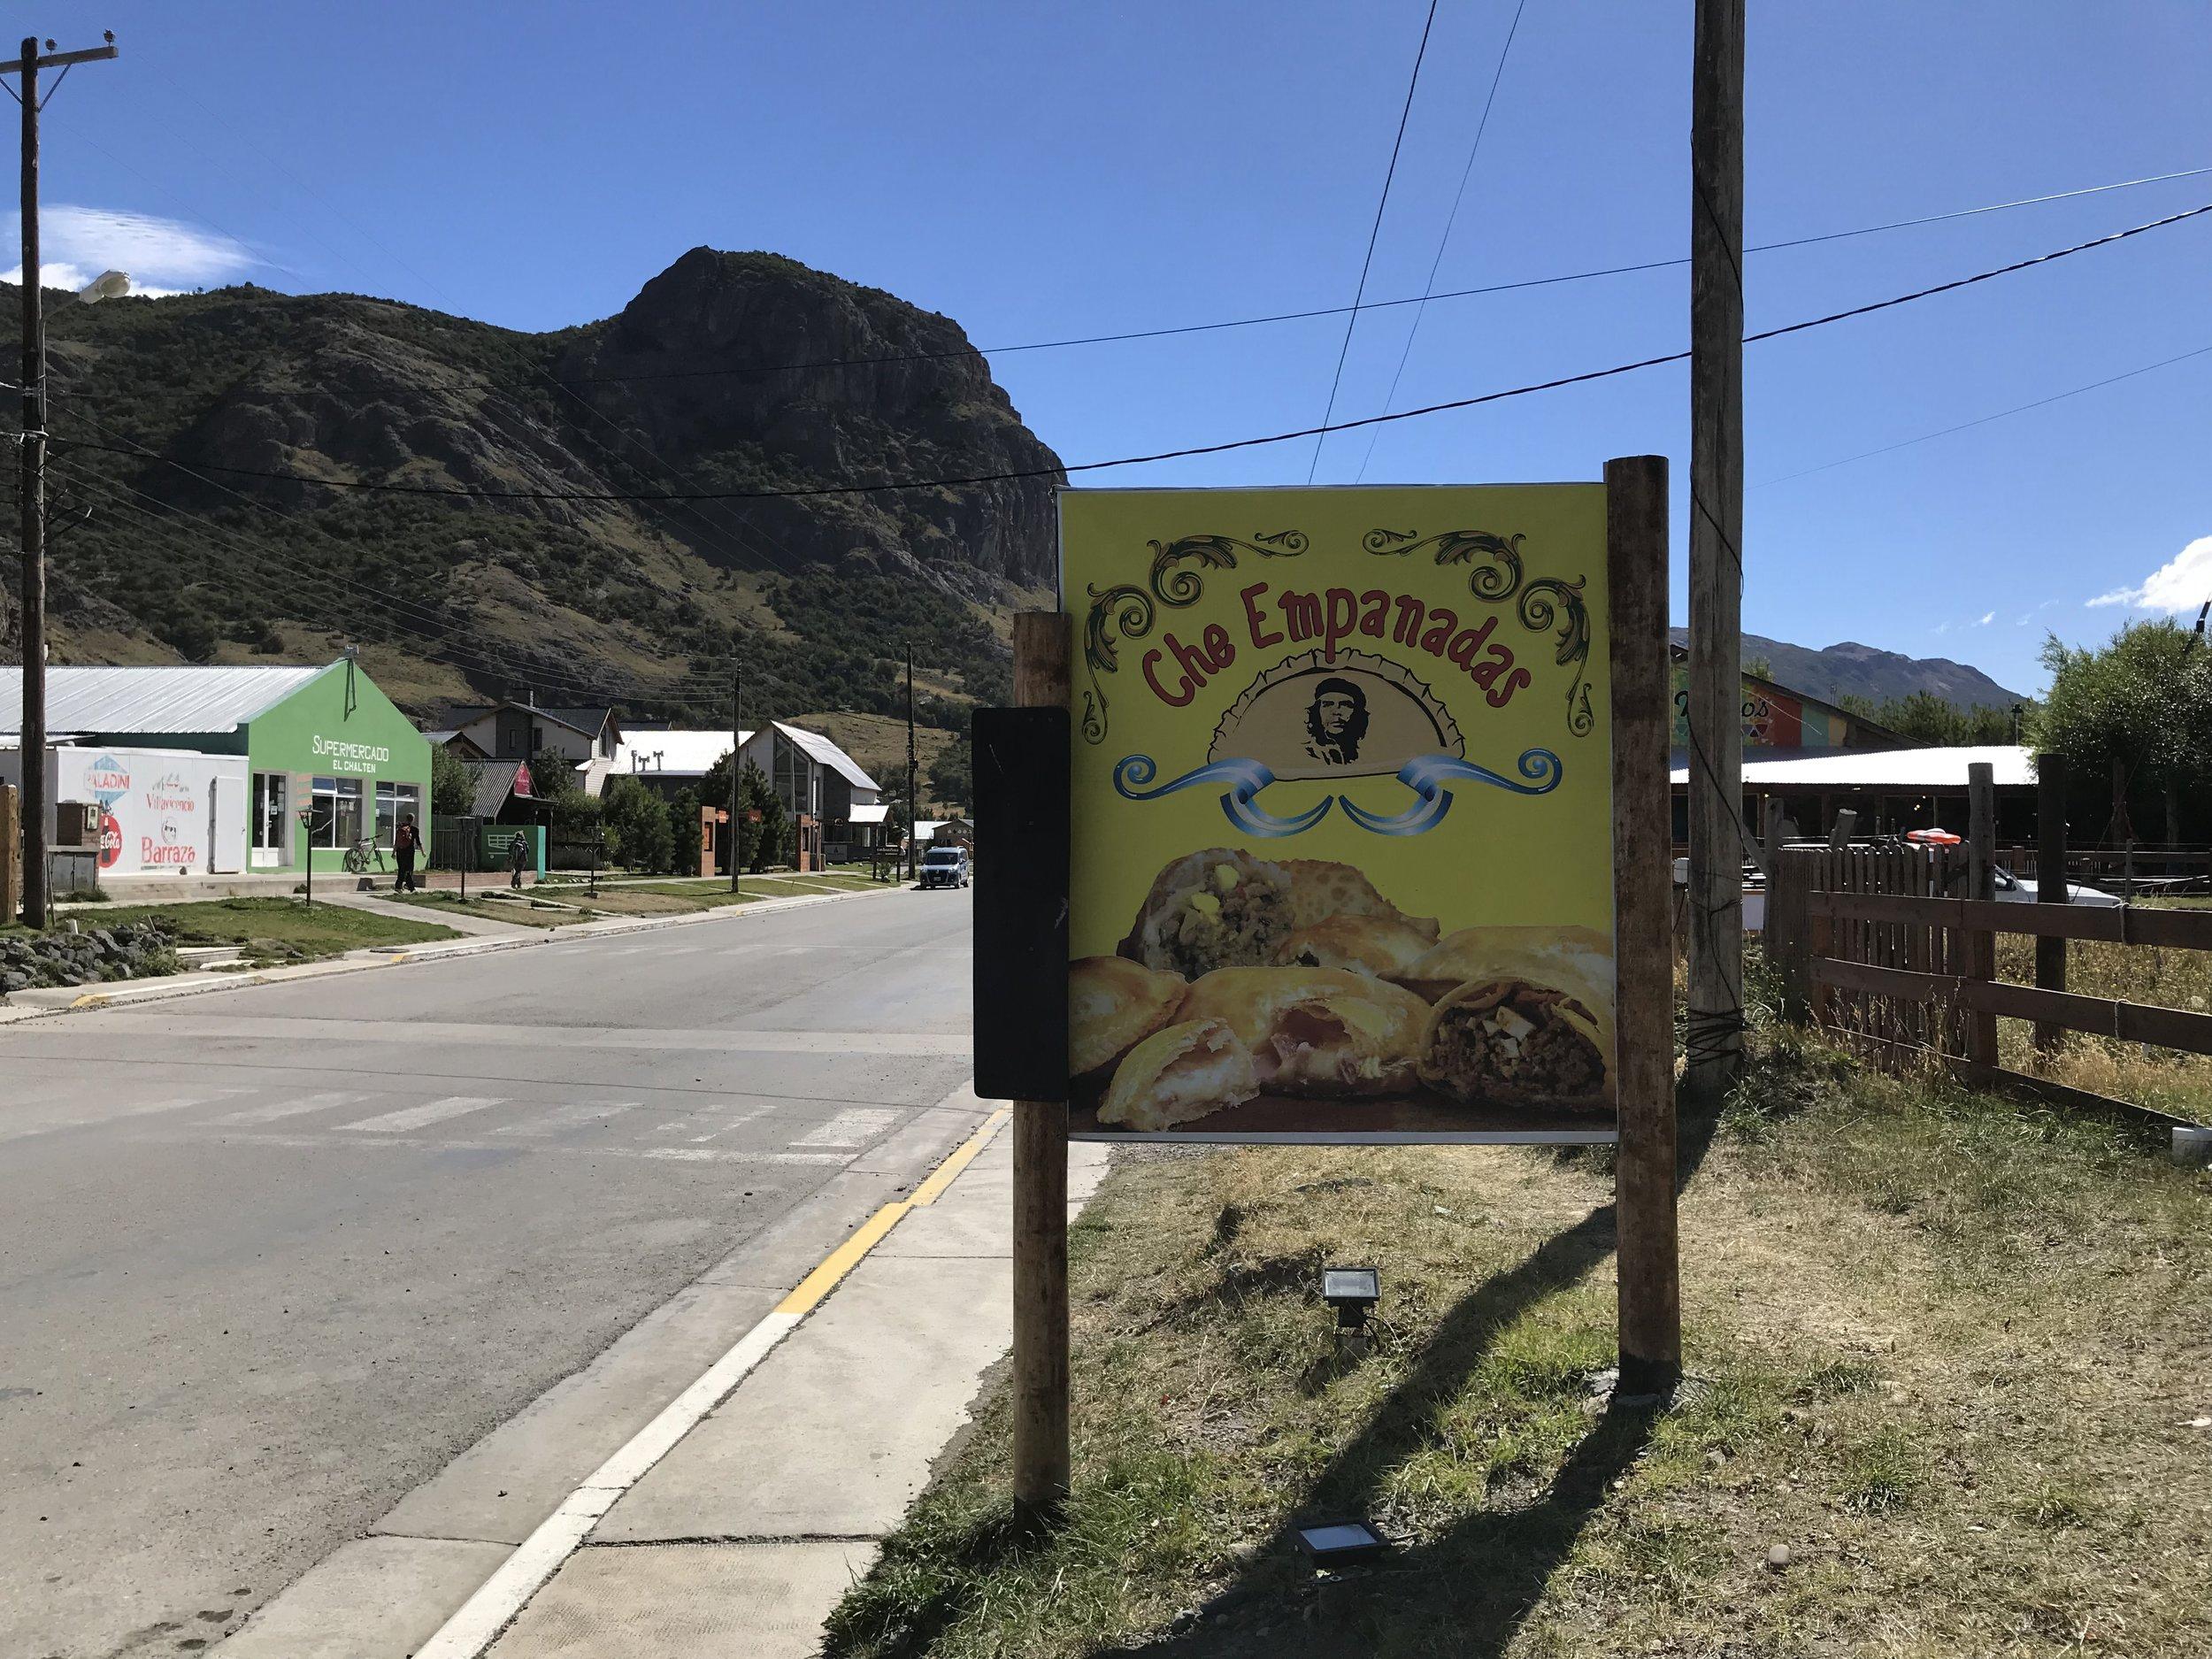 24hourkitchen-travel-argentina-el-chalten-patagonia-che-empanada